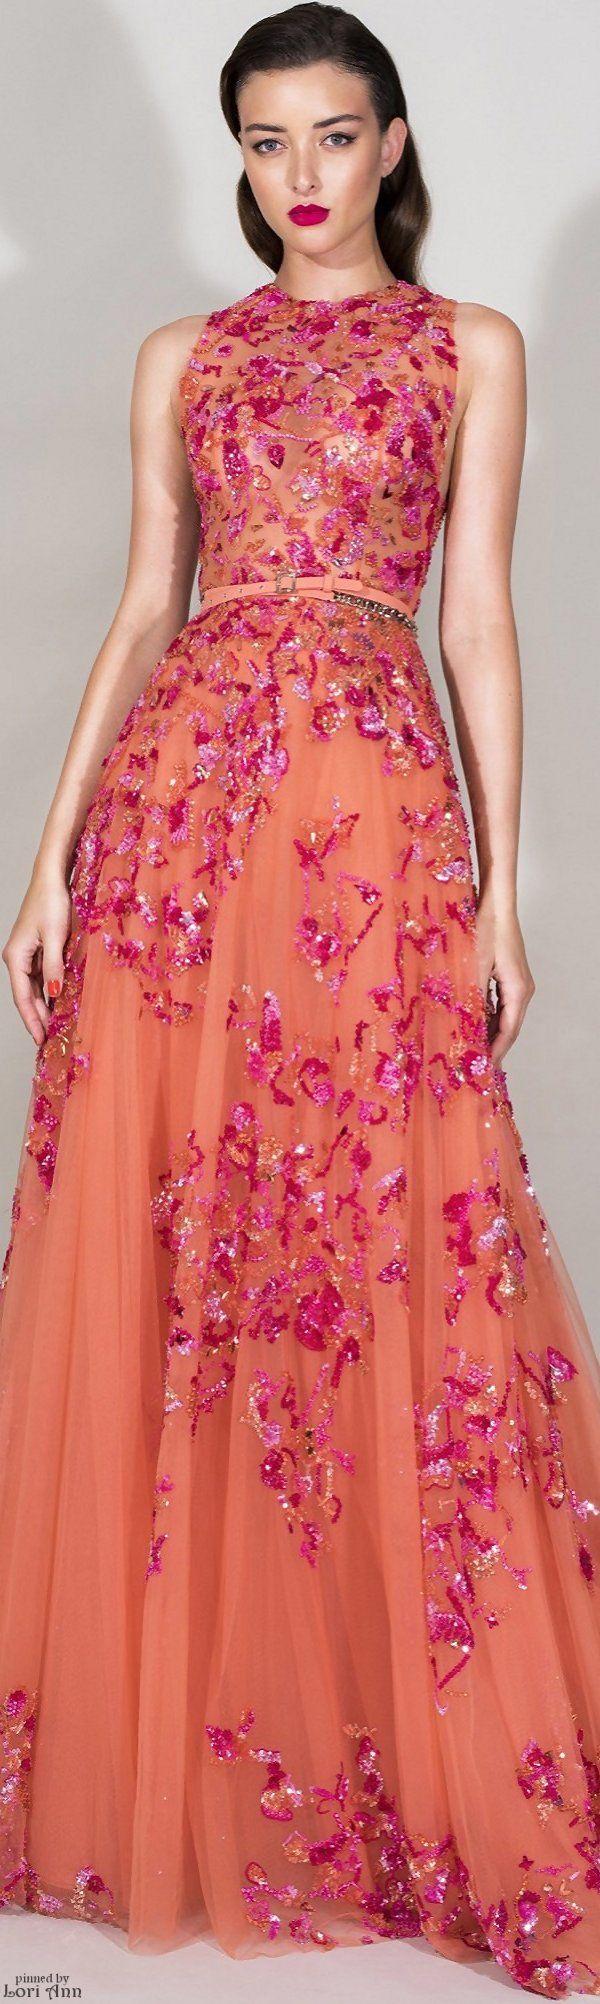 Zuhair Murad Resort 2016 | Gowns/Dresses | Pinterest | Rosas ...